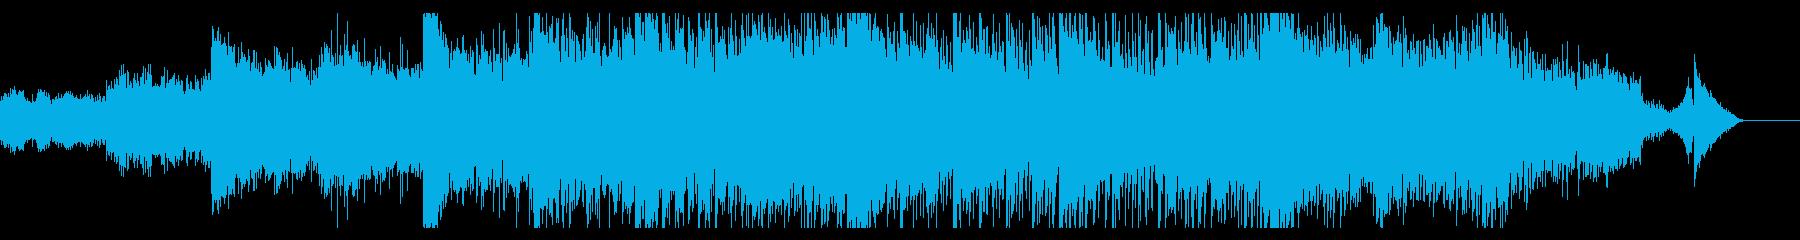 幻想的開始点を想起するエレクトロニカの再生済みの波形